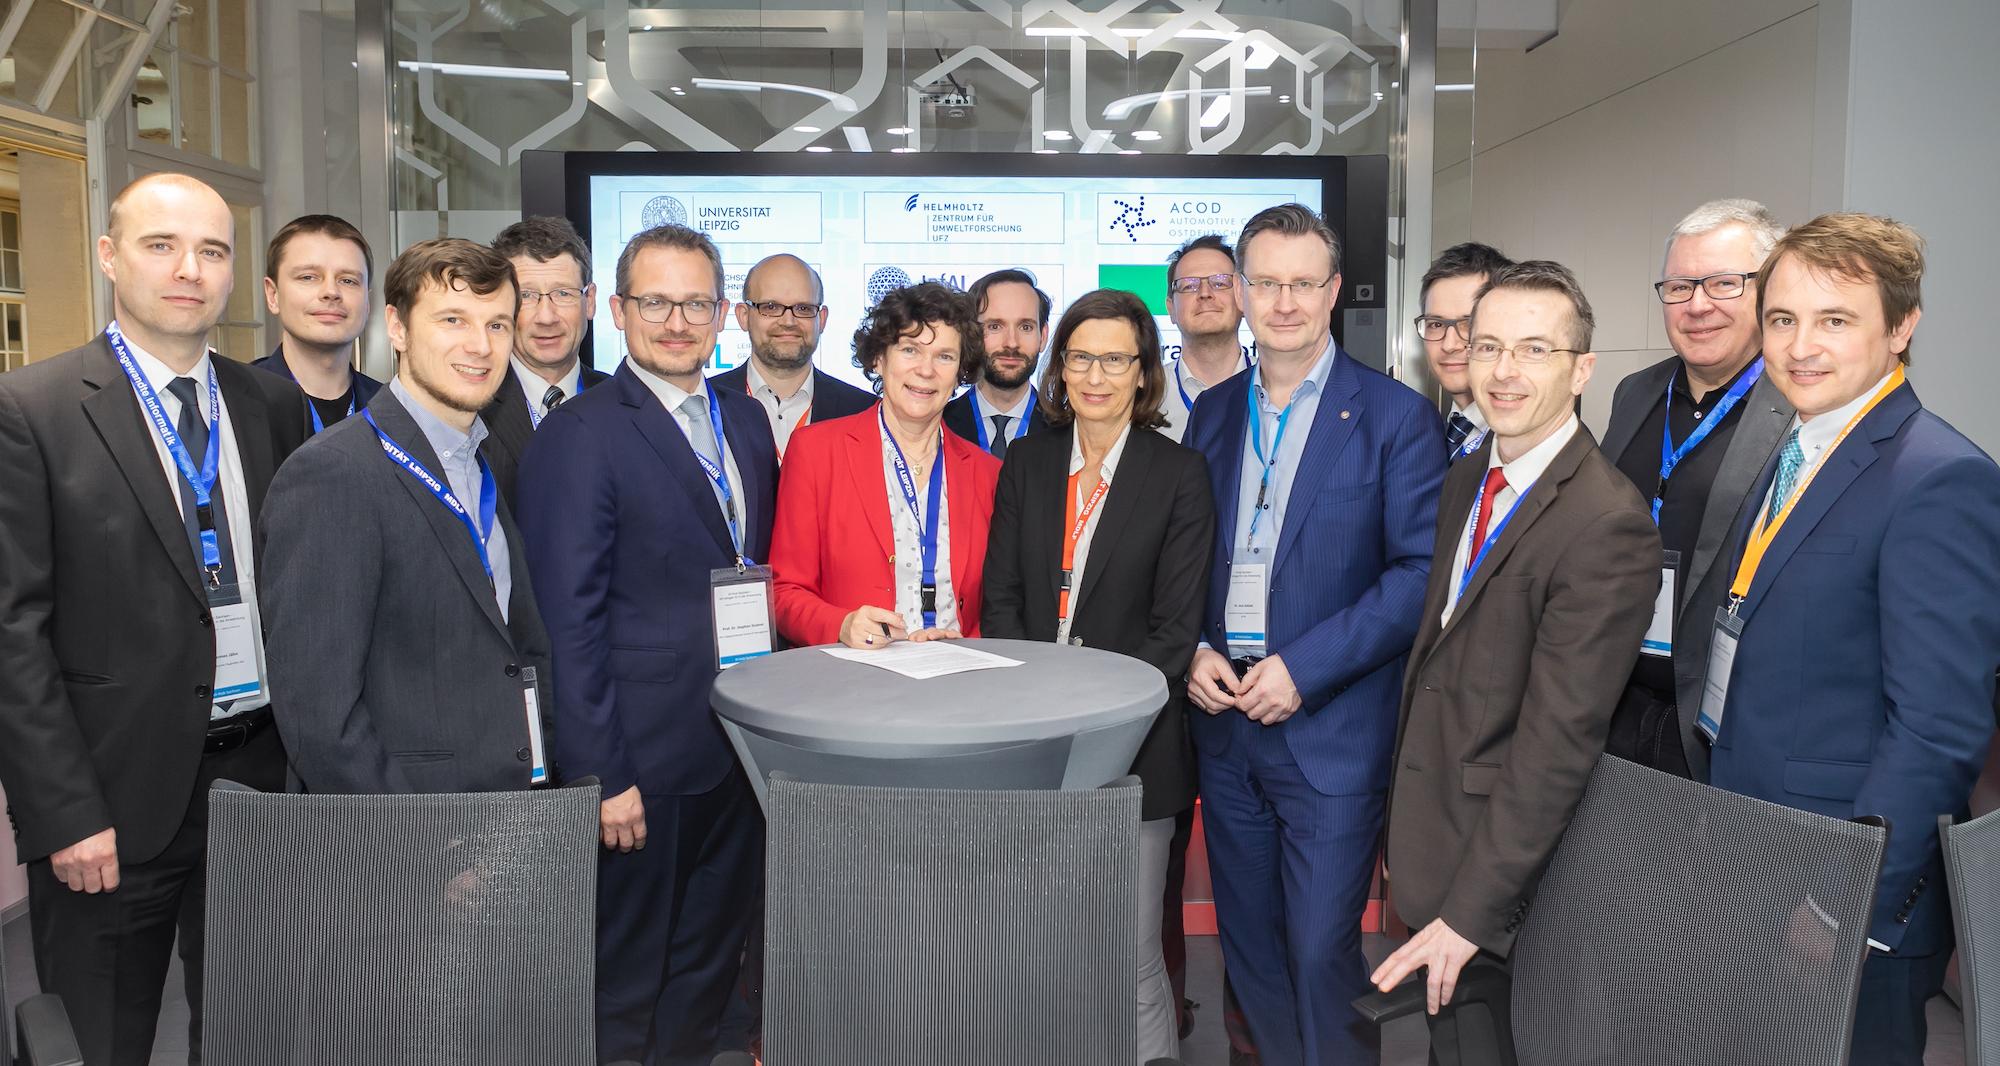 KI-Hubs Sachsen, Unterzeichner aus Wissenschaft und Forschung Bildquelle: InfAI